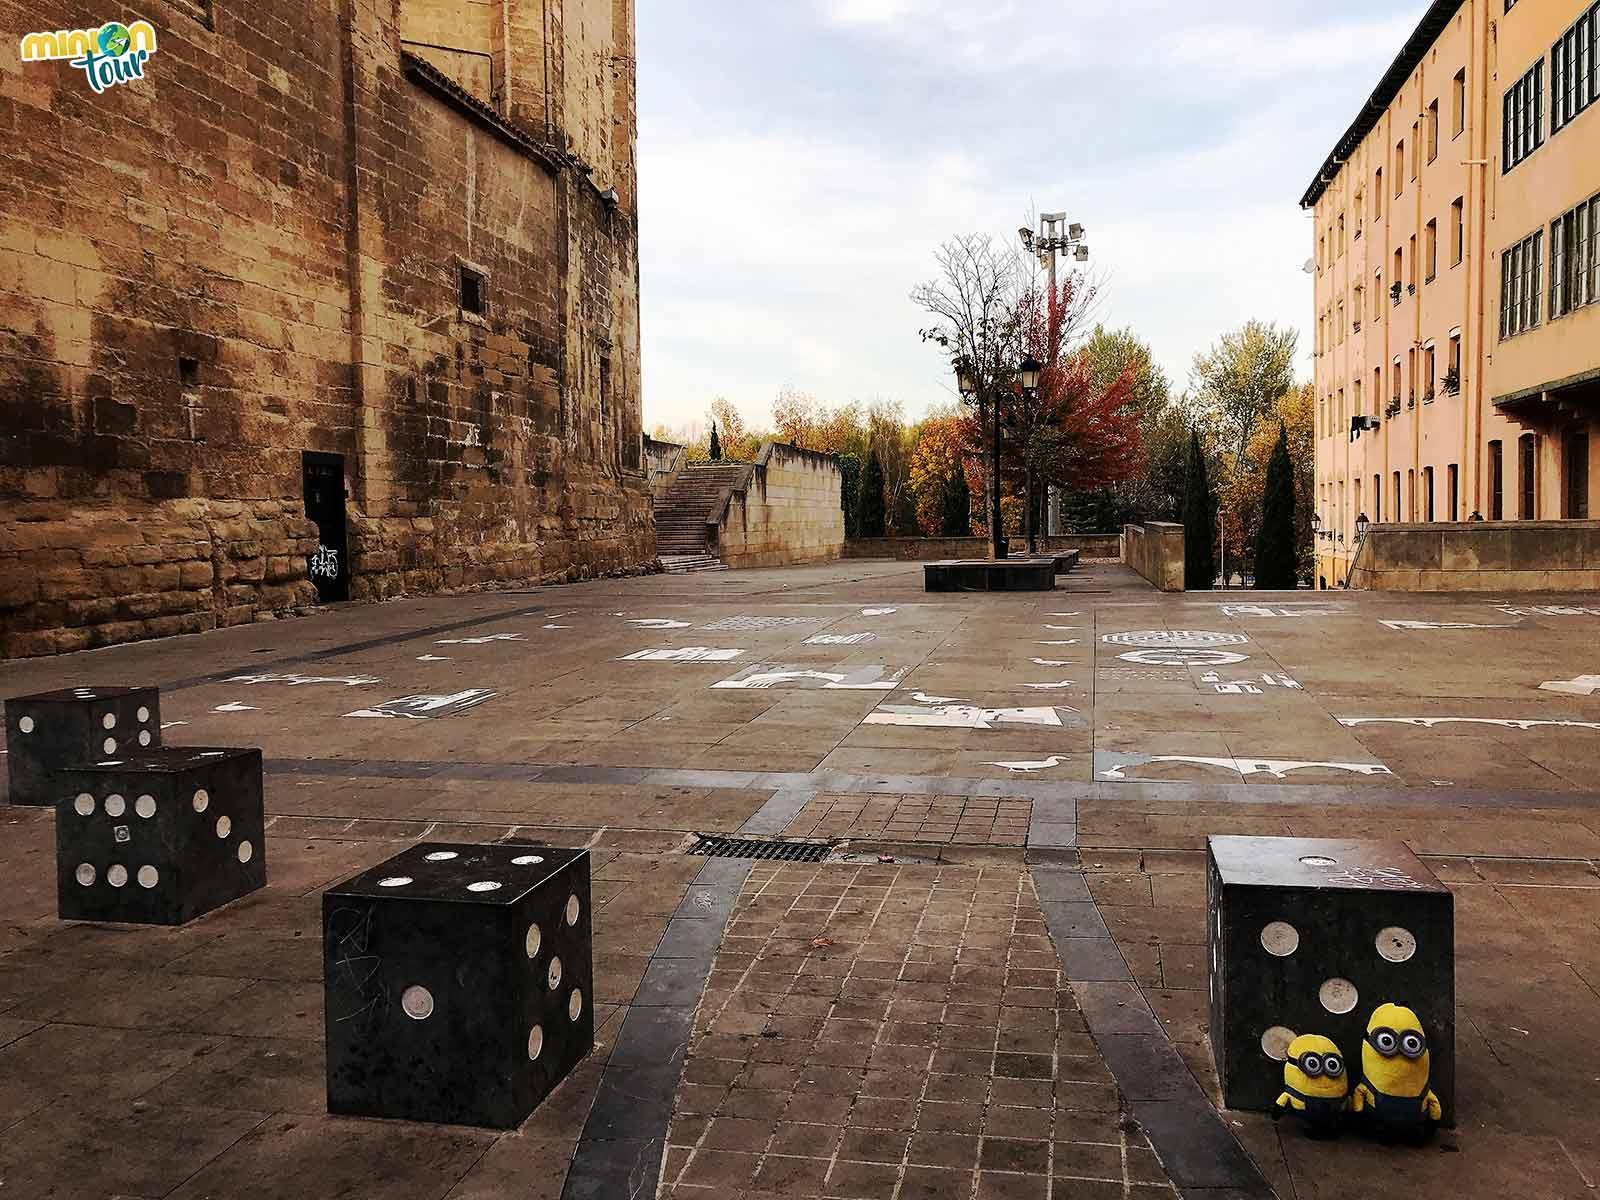 Juego de la Oca en Logroño